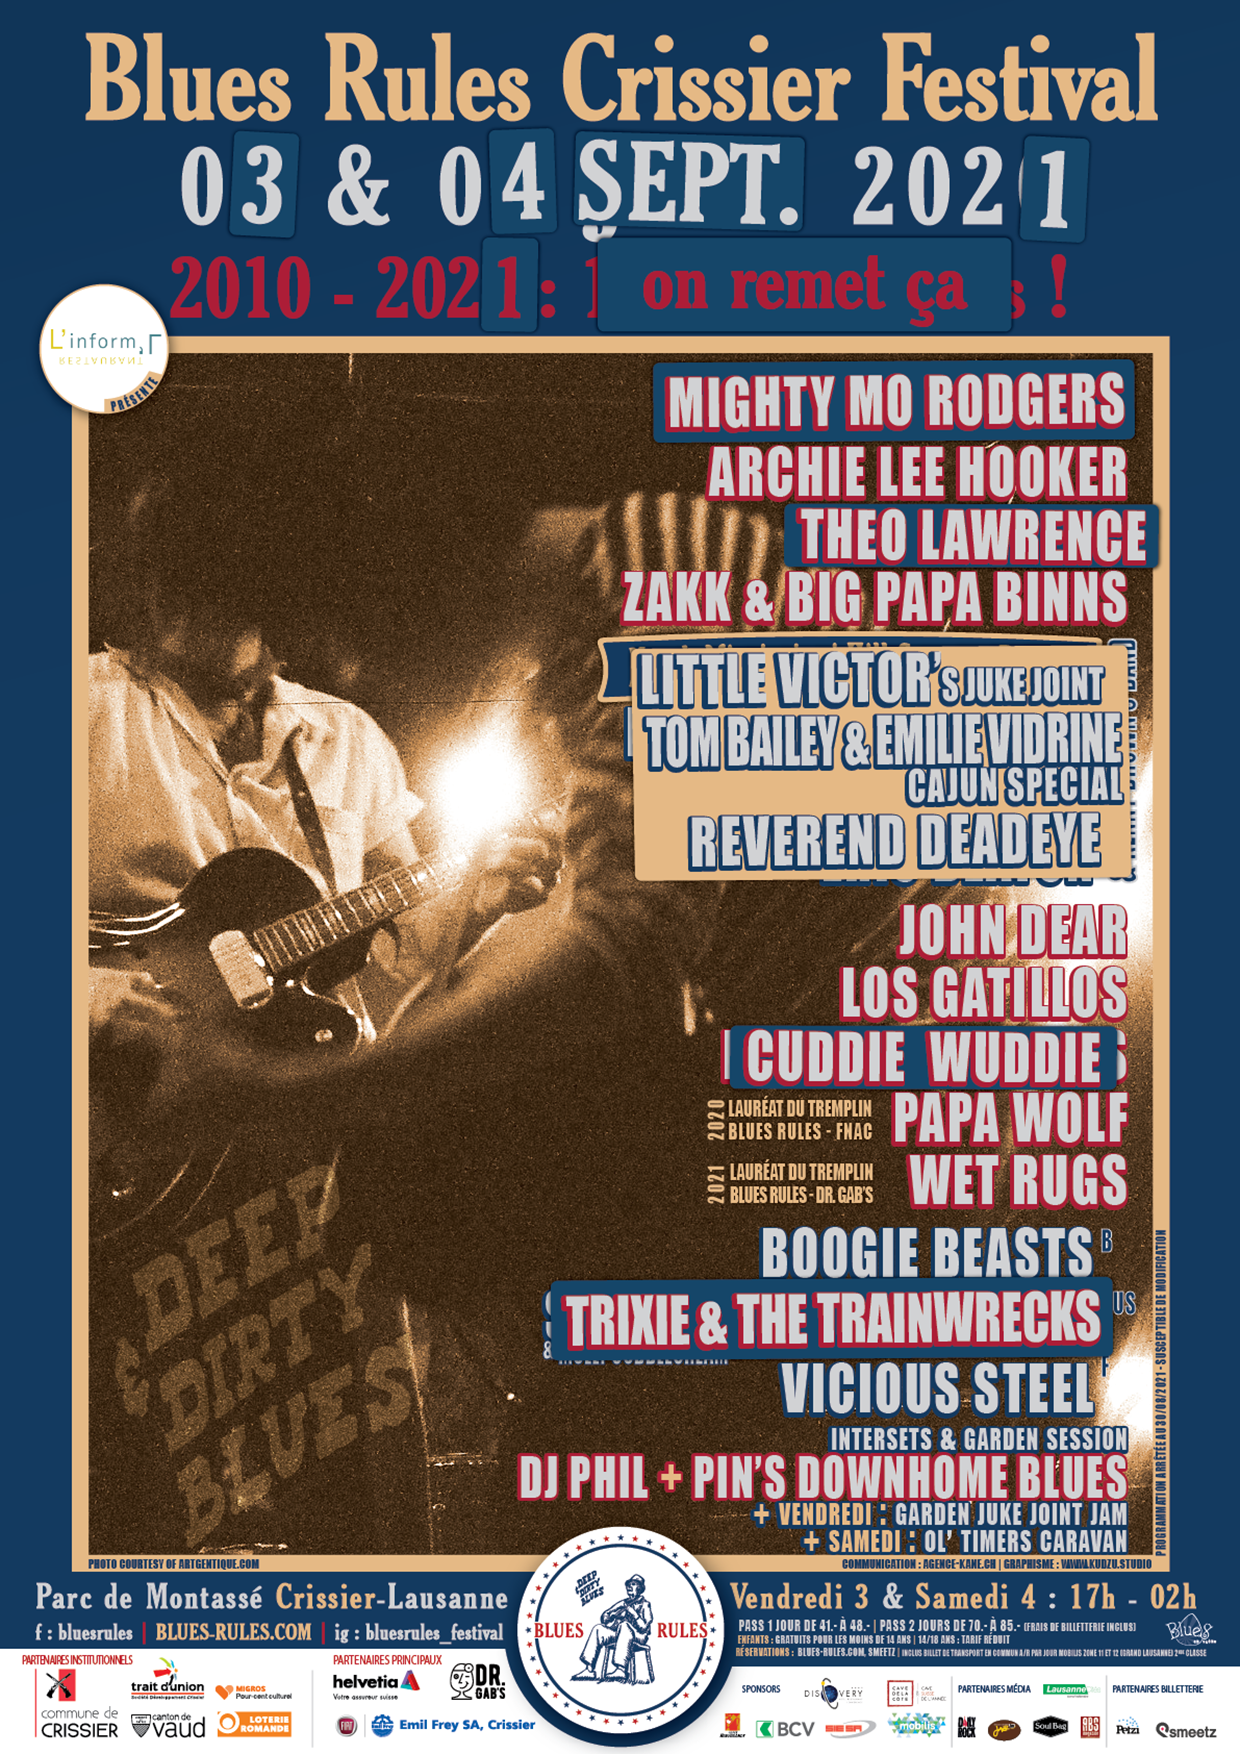 affiche Blues Rules Crissier Festival 2021